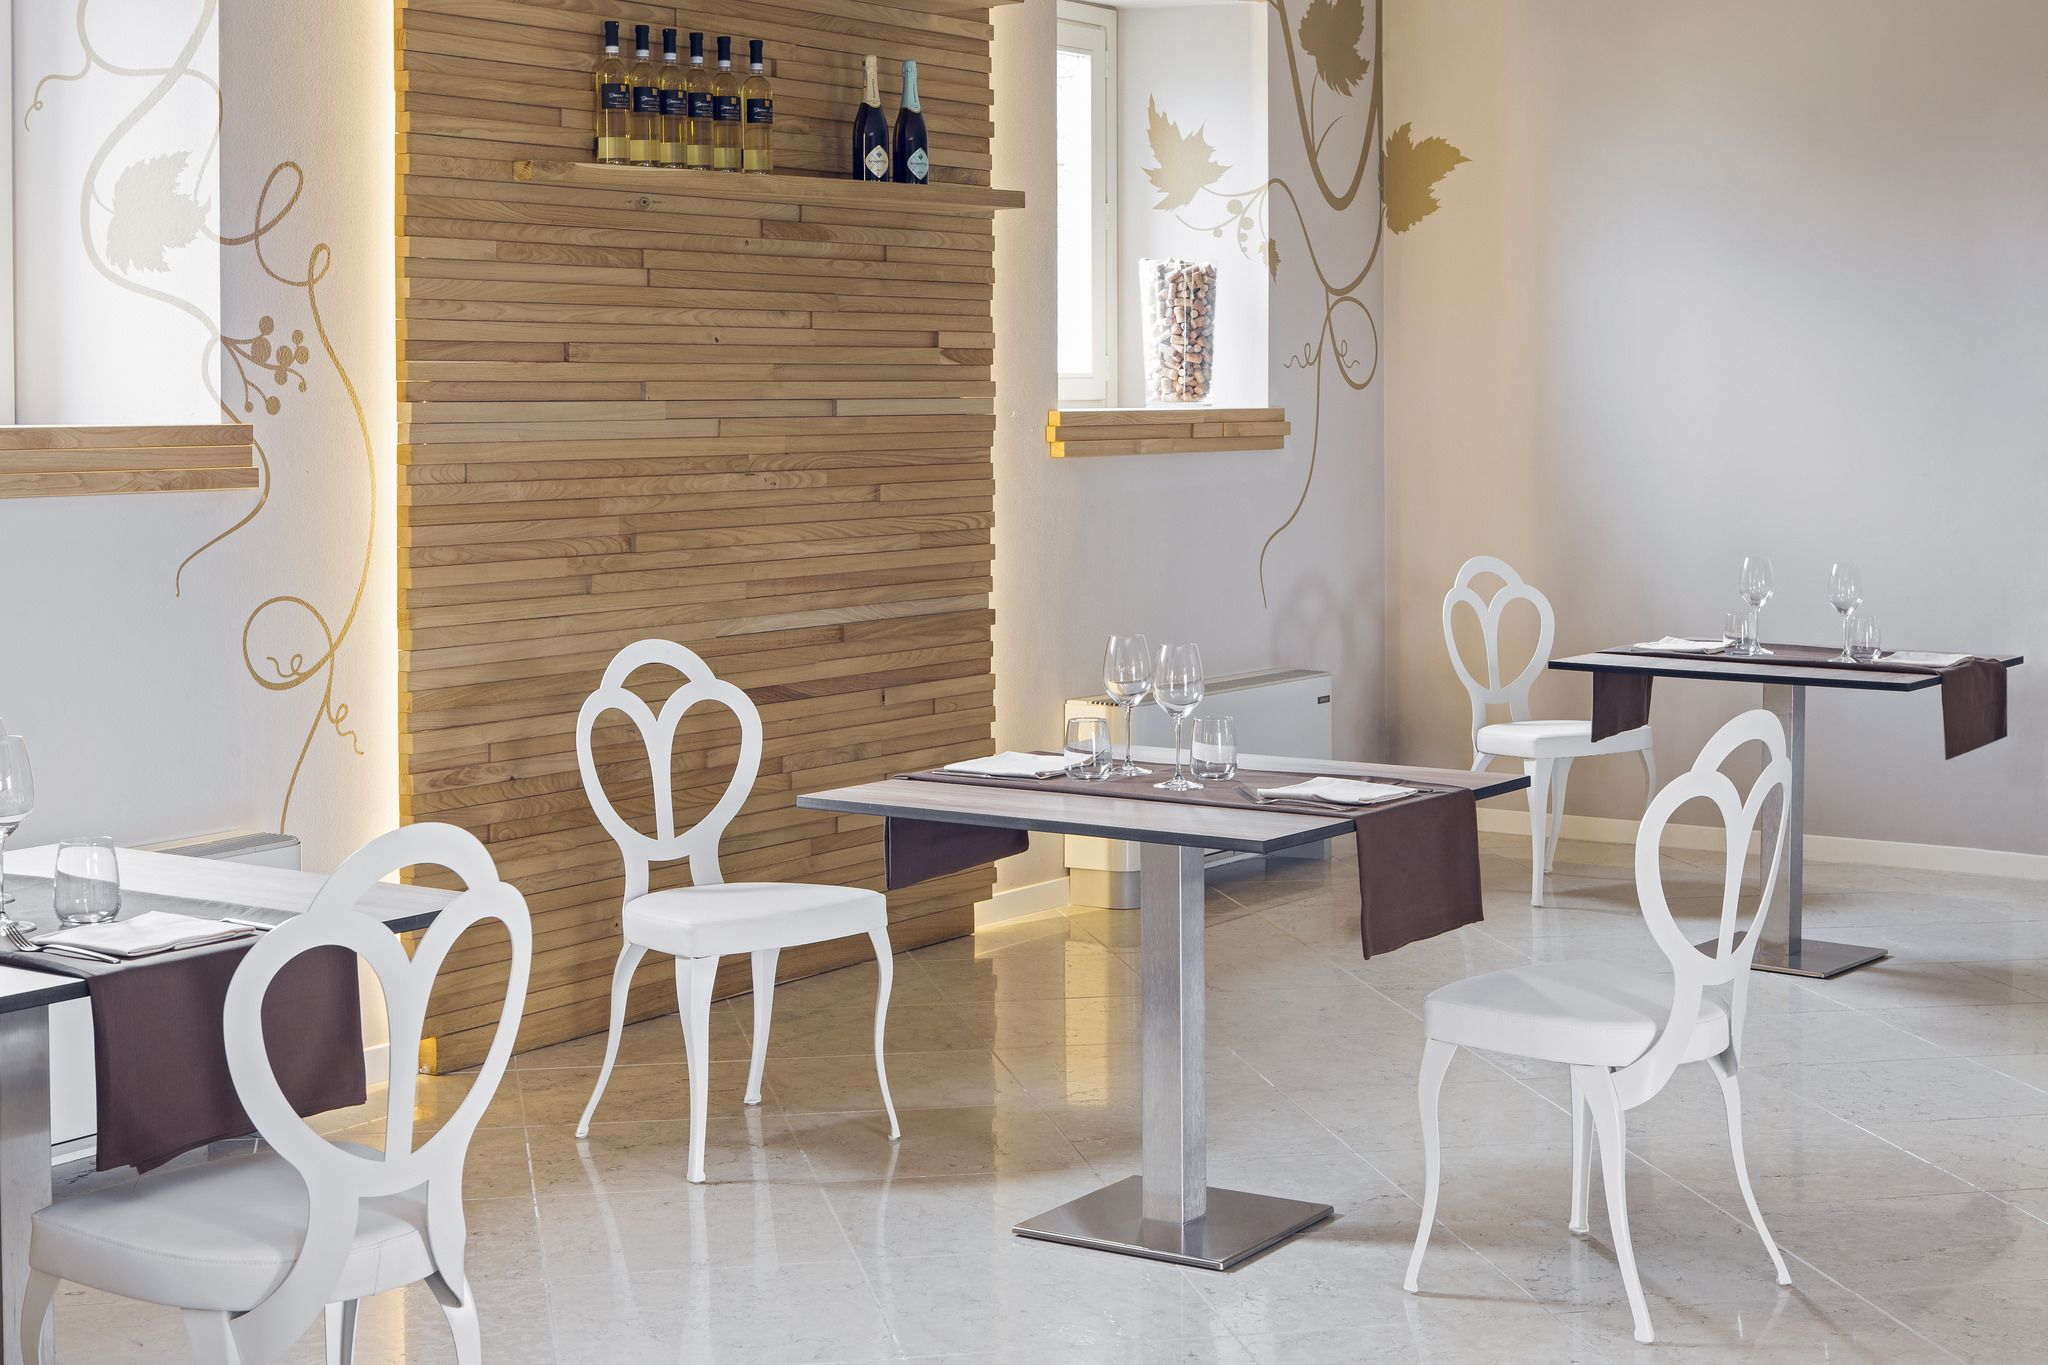 HORECA design arredo sedie (con immagini) Design, Sedie